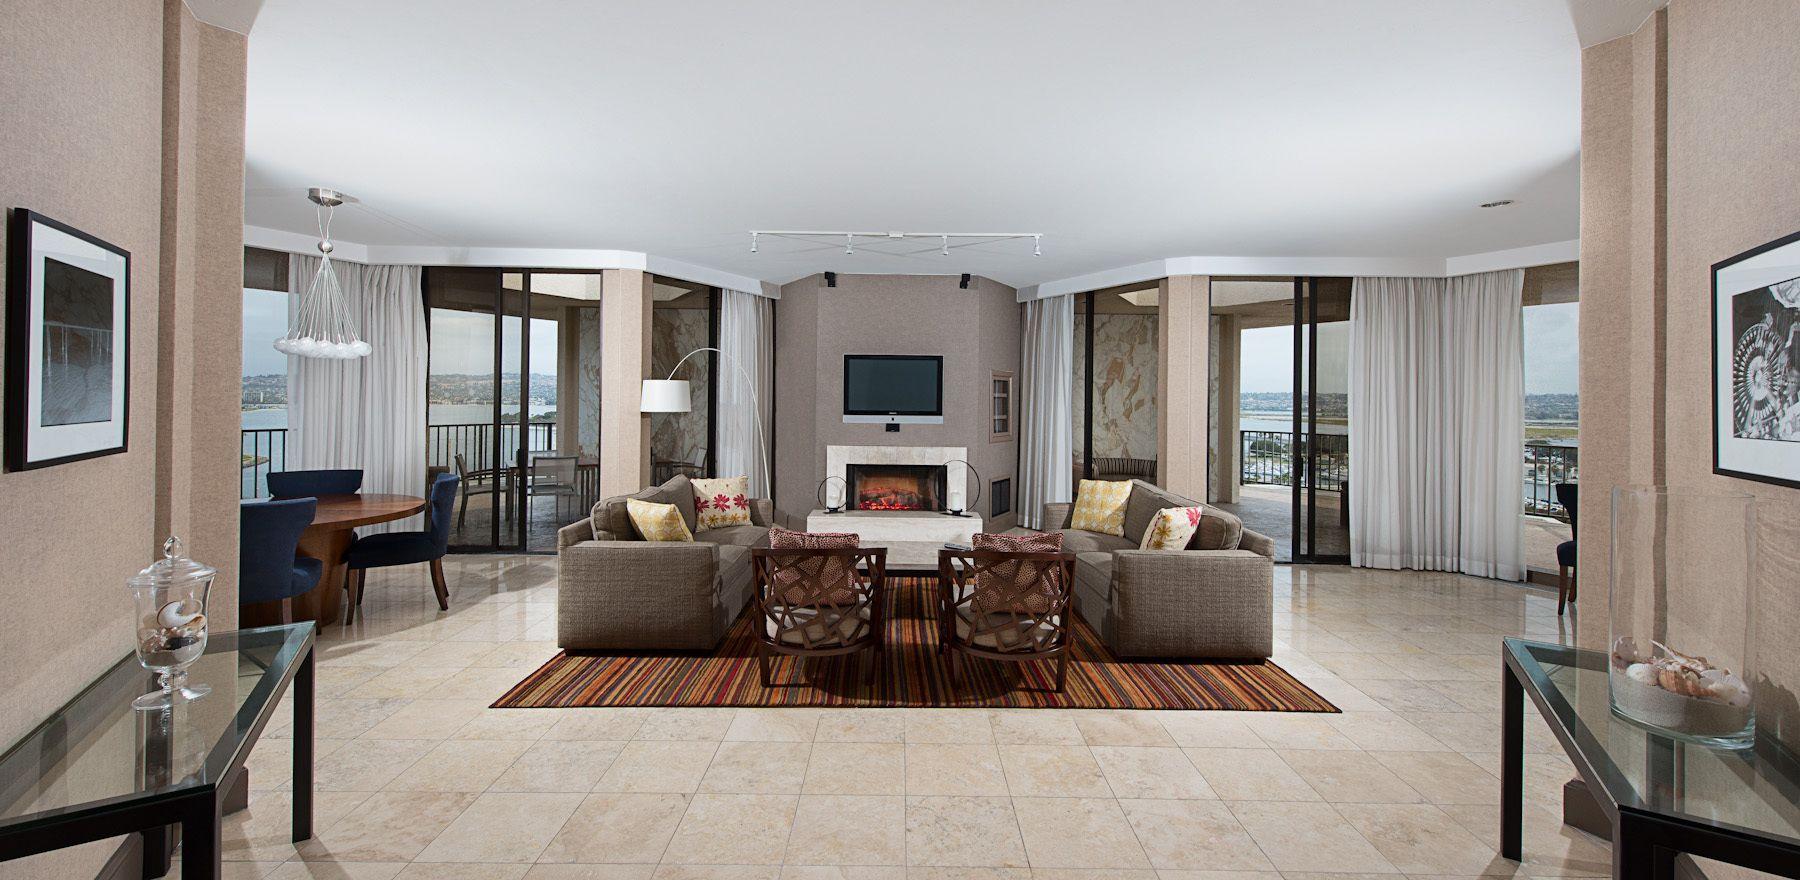 Hyatt Islandia Penthouse Interior